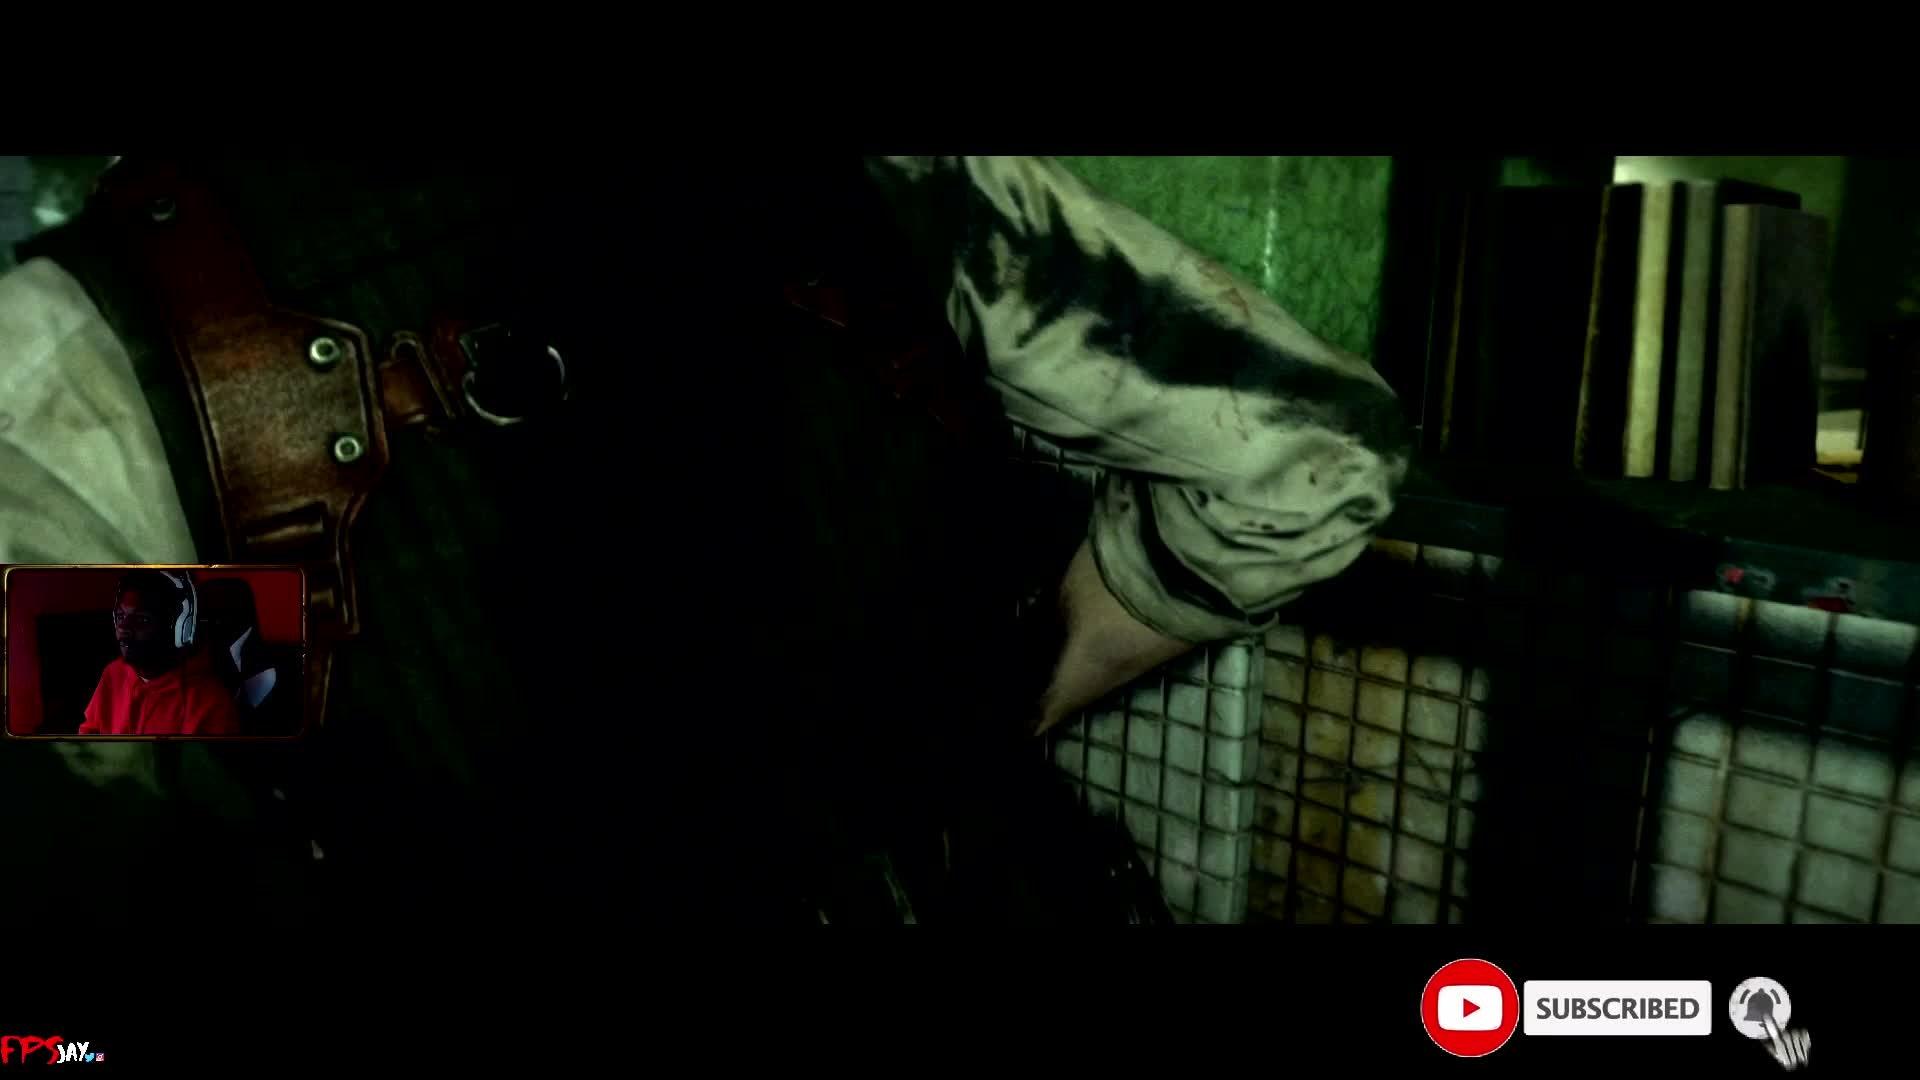 Resident Evil: General - Horror Survival Spot?  video cover image 1